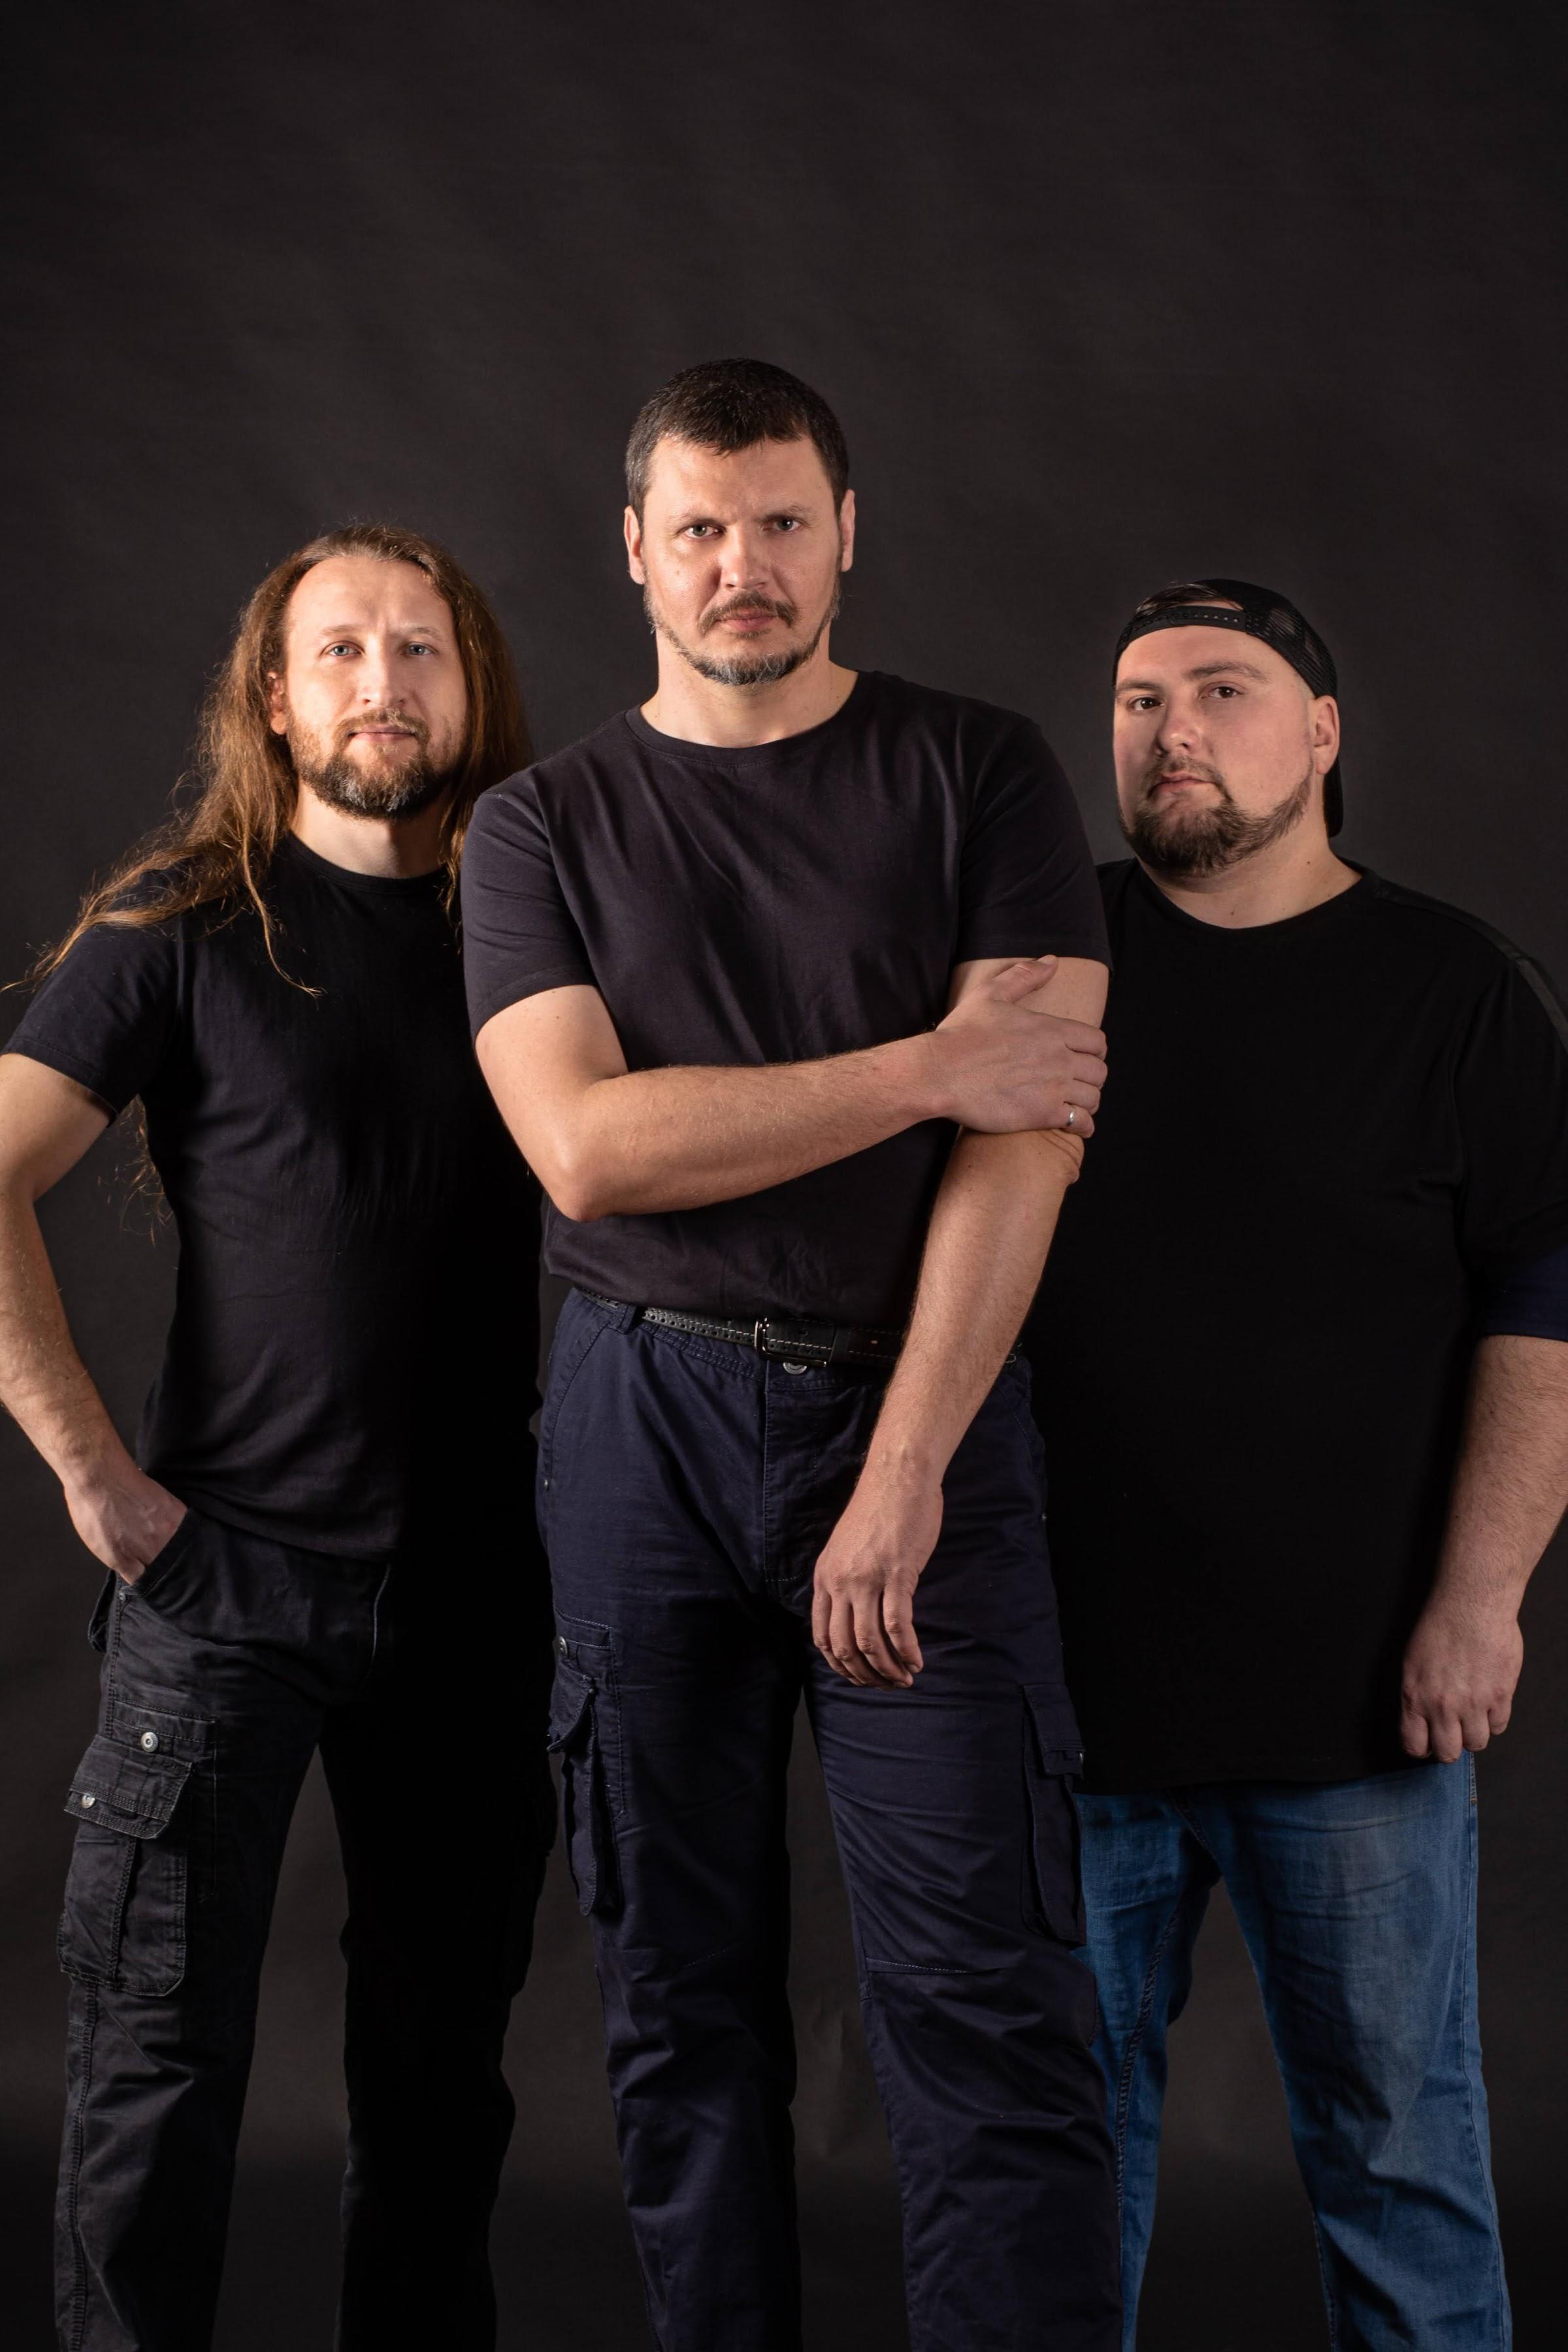 Фото галереи фолк-метал группы ЧУР